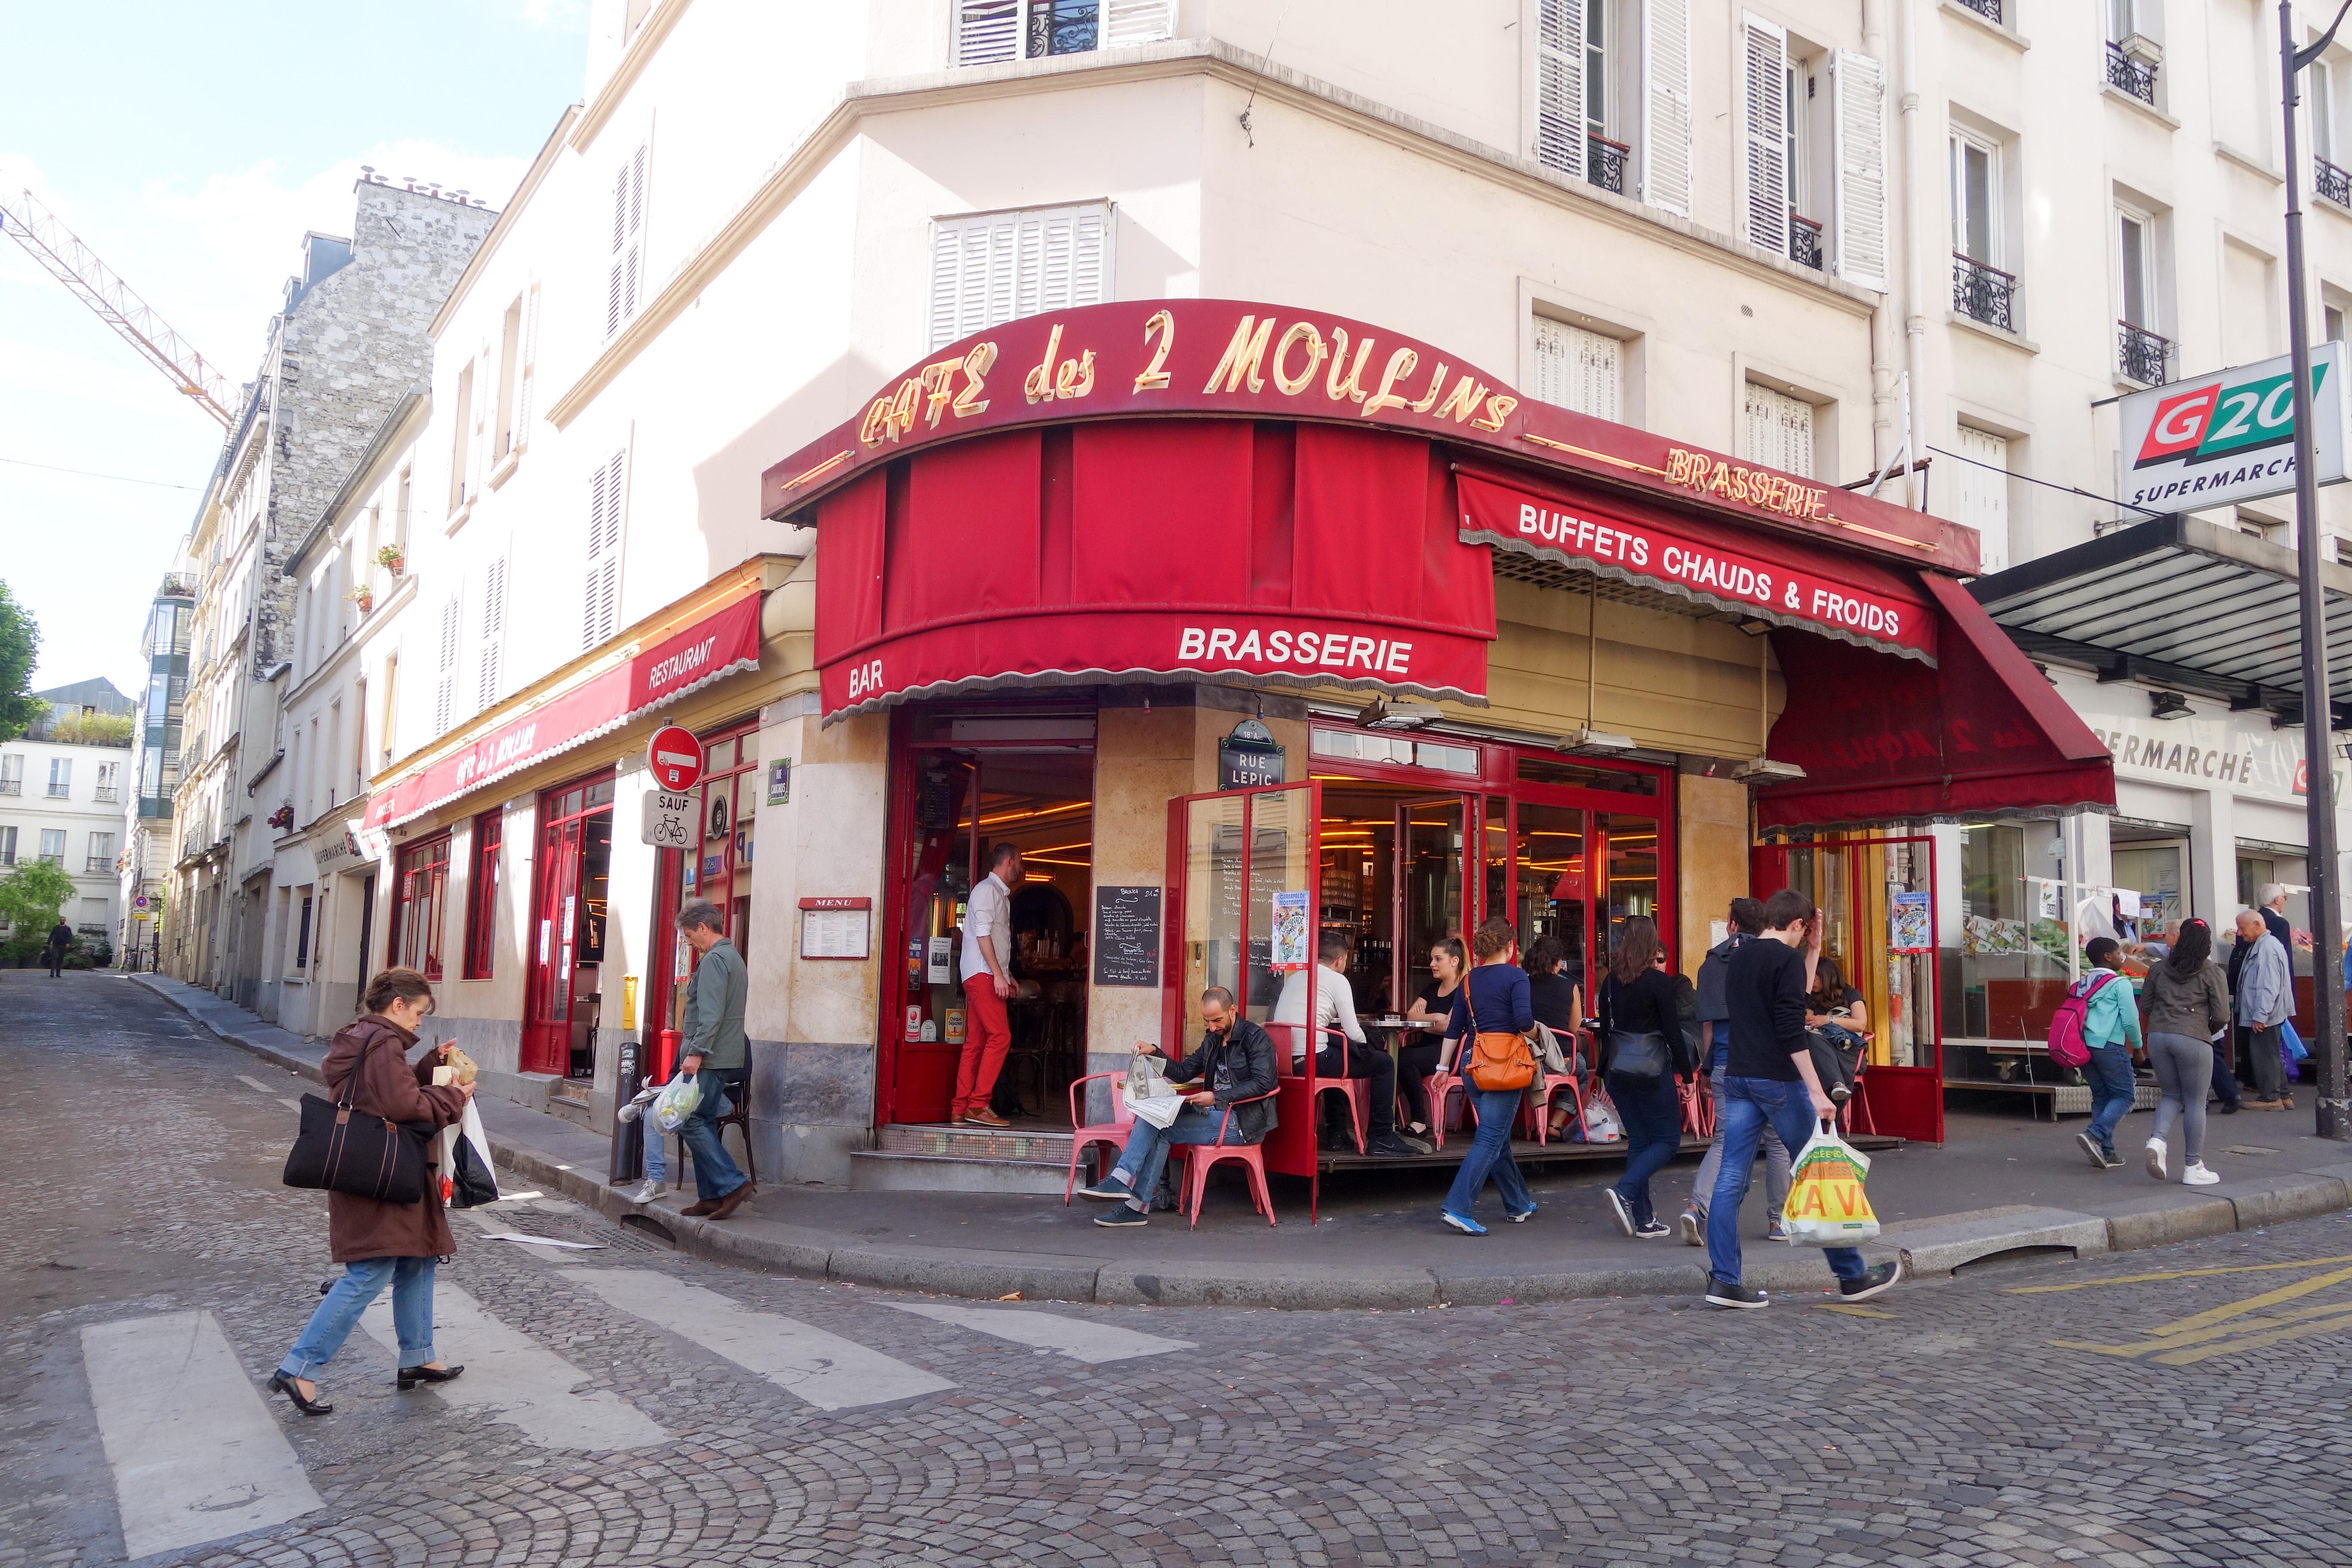 Cafe Des deux Moulins - from the film amelie